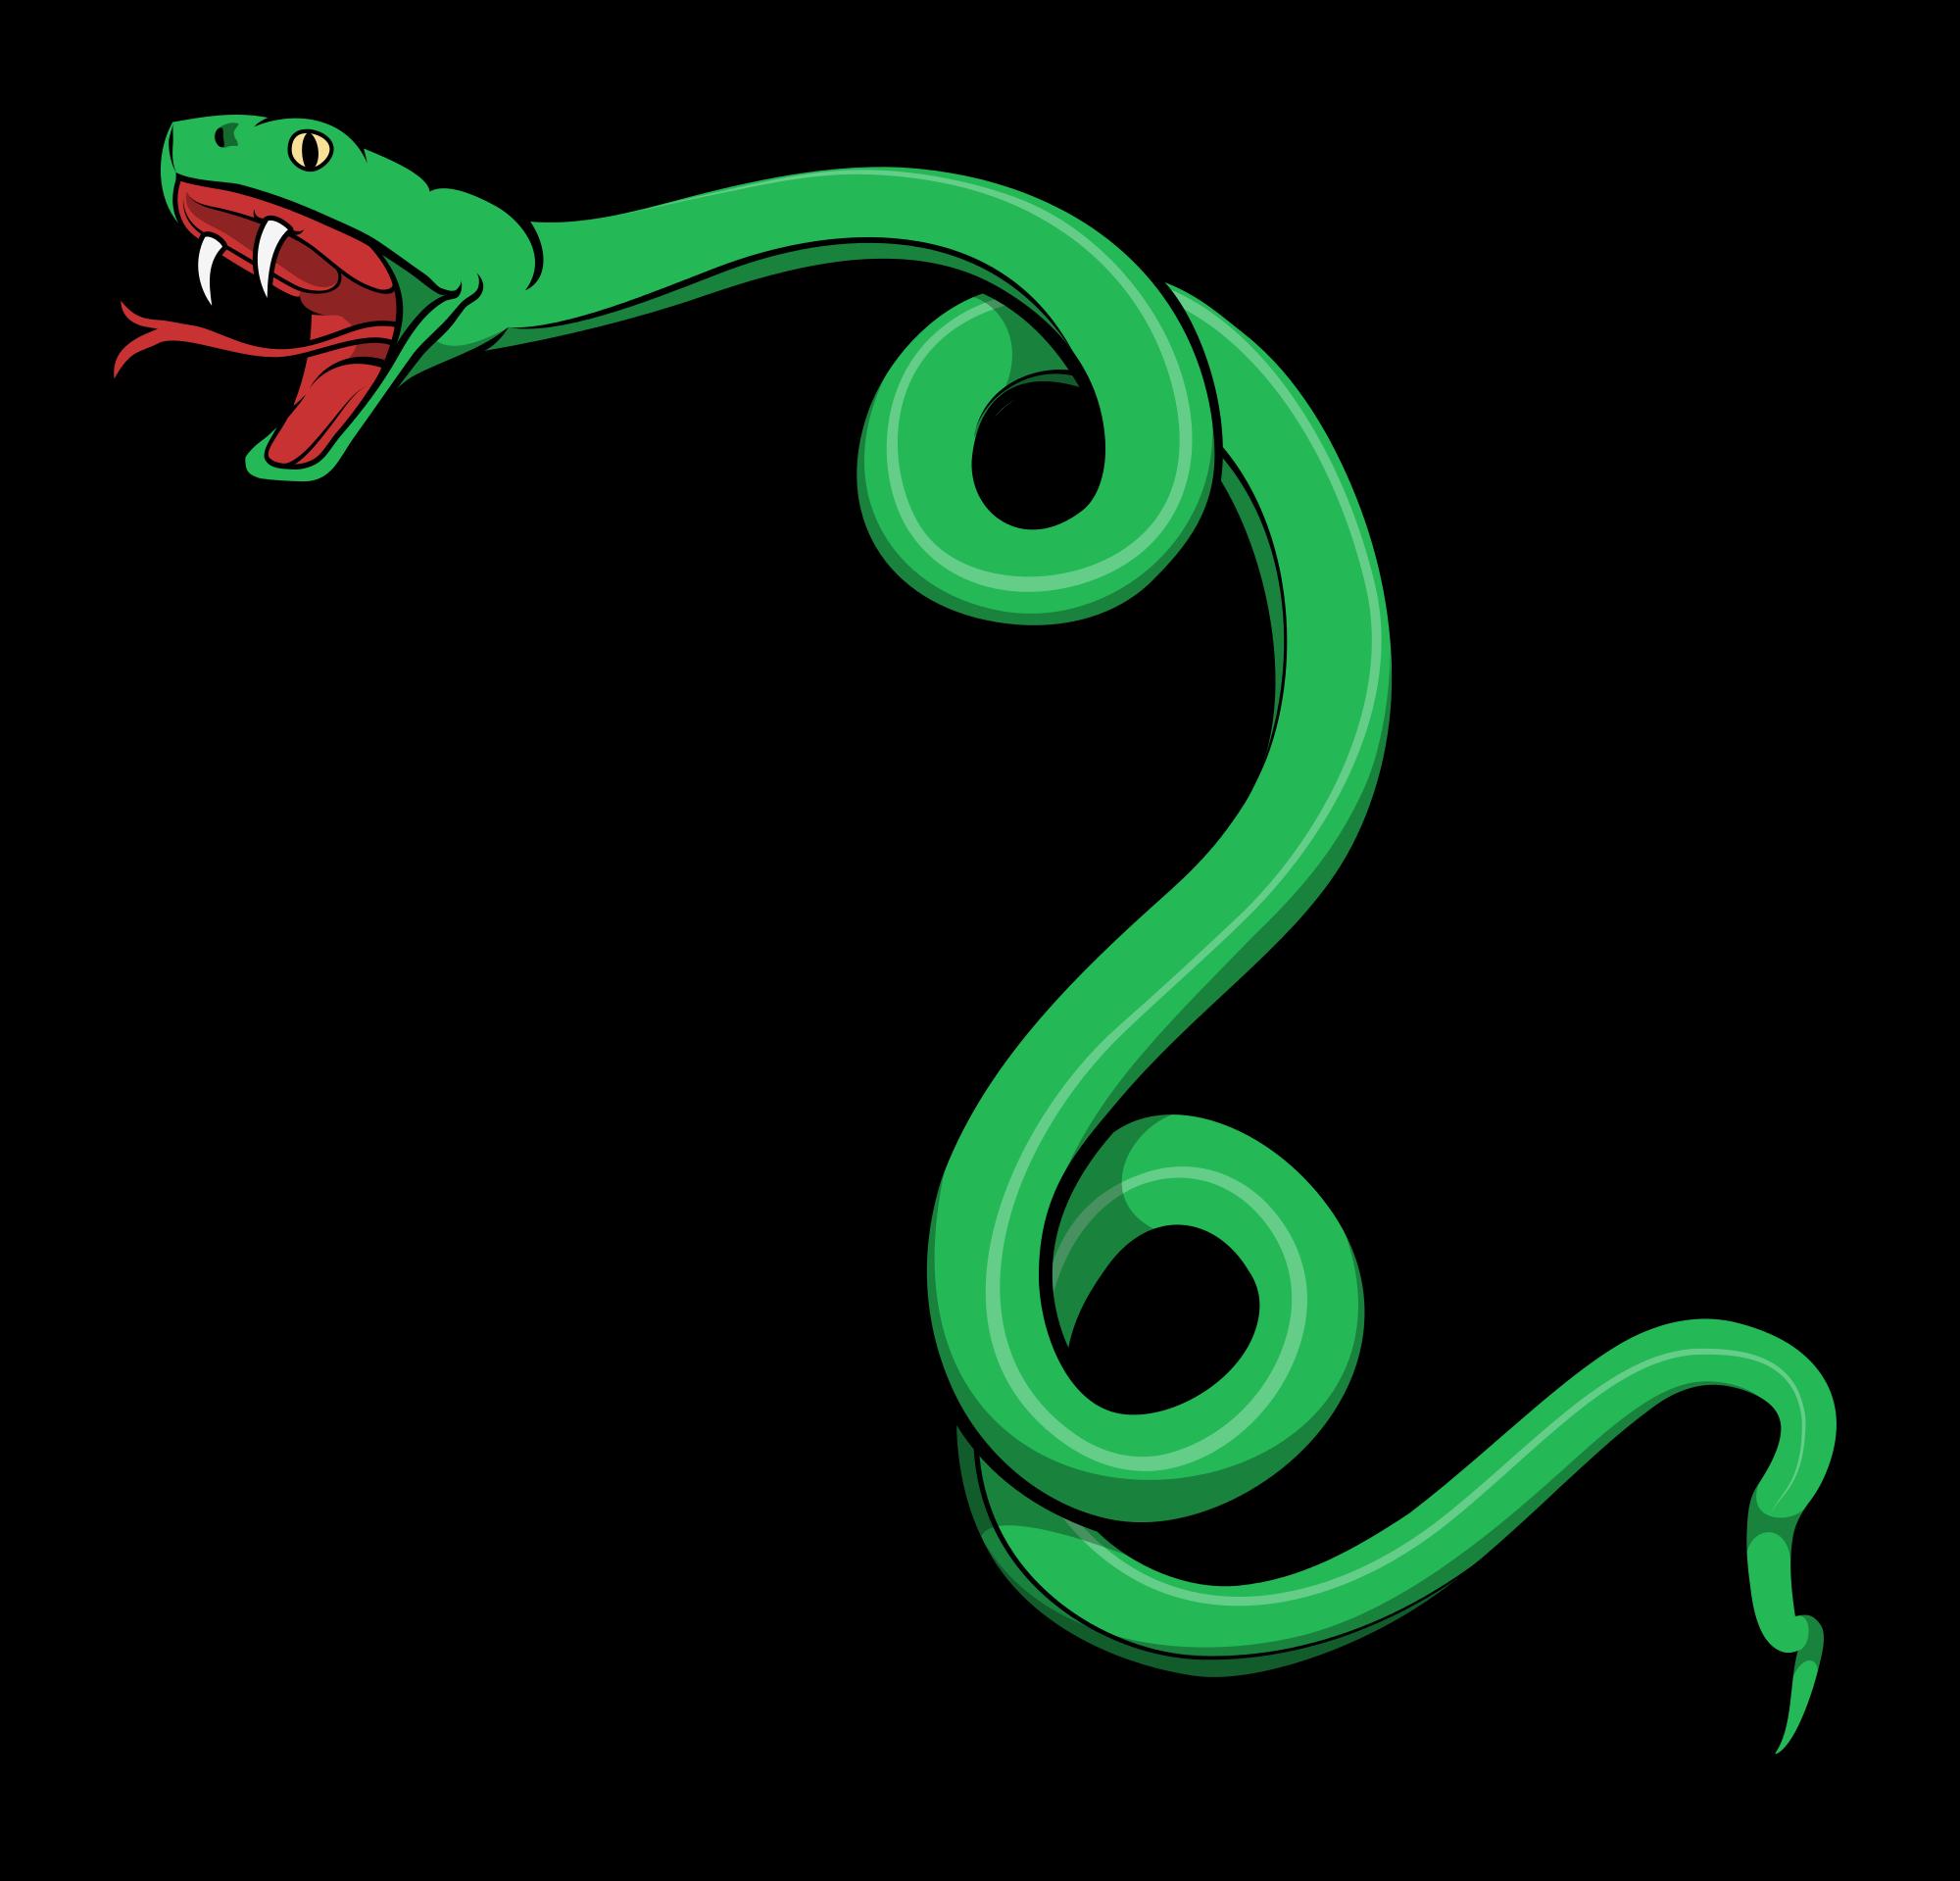 Snake in tree clipart jpg freeuse stock Snake heraldry clipart jpg freeuse stock